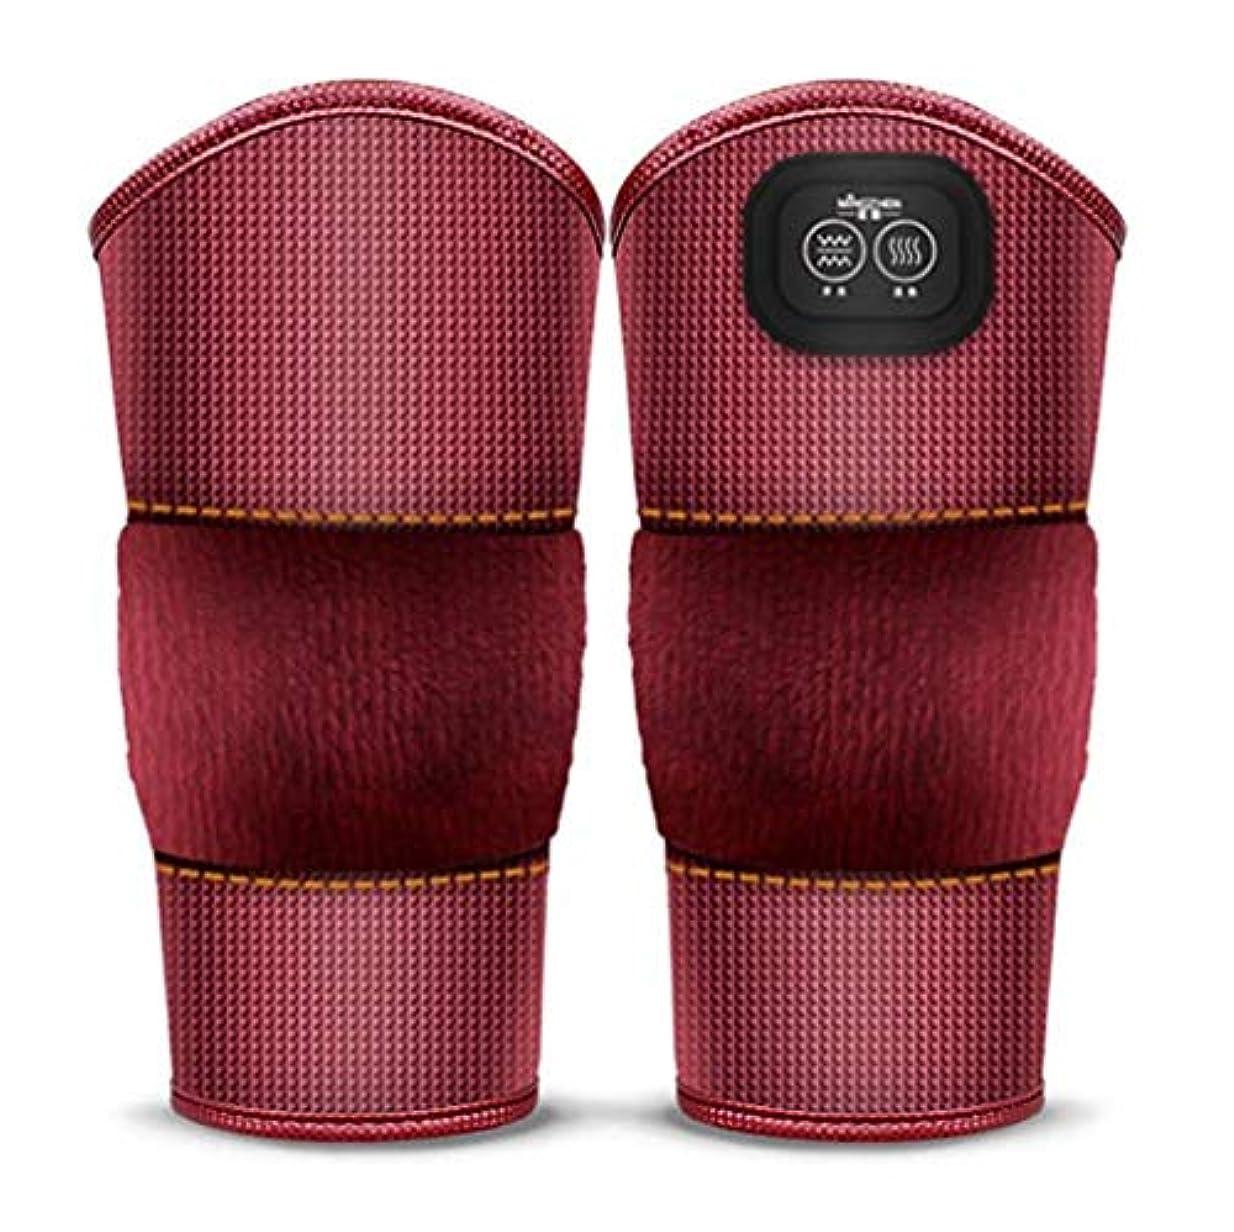 通訳フェリーカレンダーマッサージ加熱膝ブレースラップ、プロフェッショナルな膝サポートパッド、膝捻挫の痛み、関節炎の痛み、古い冷たい脚の関節痛